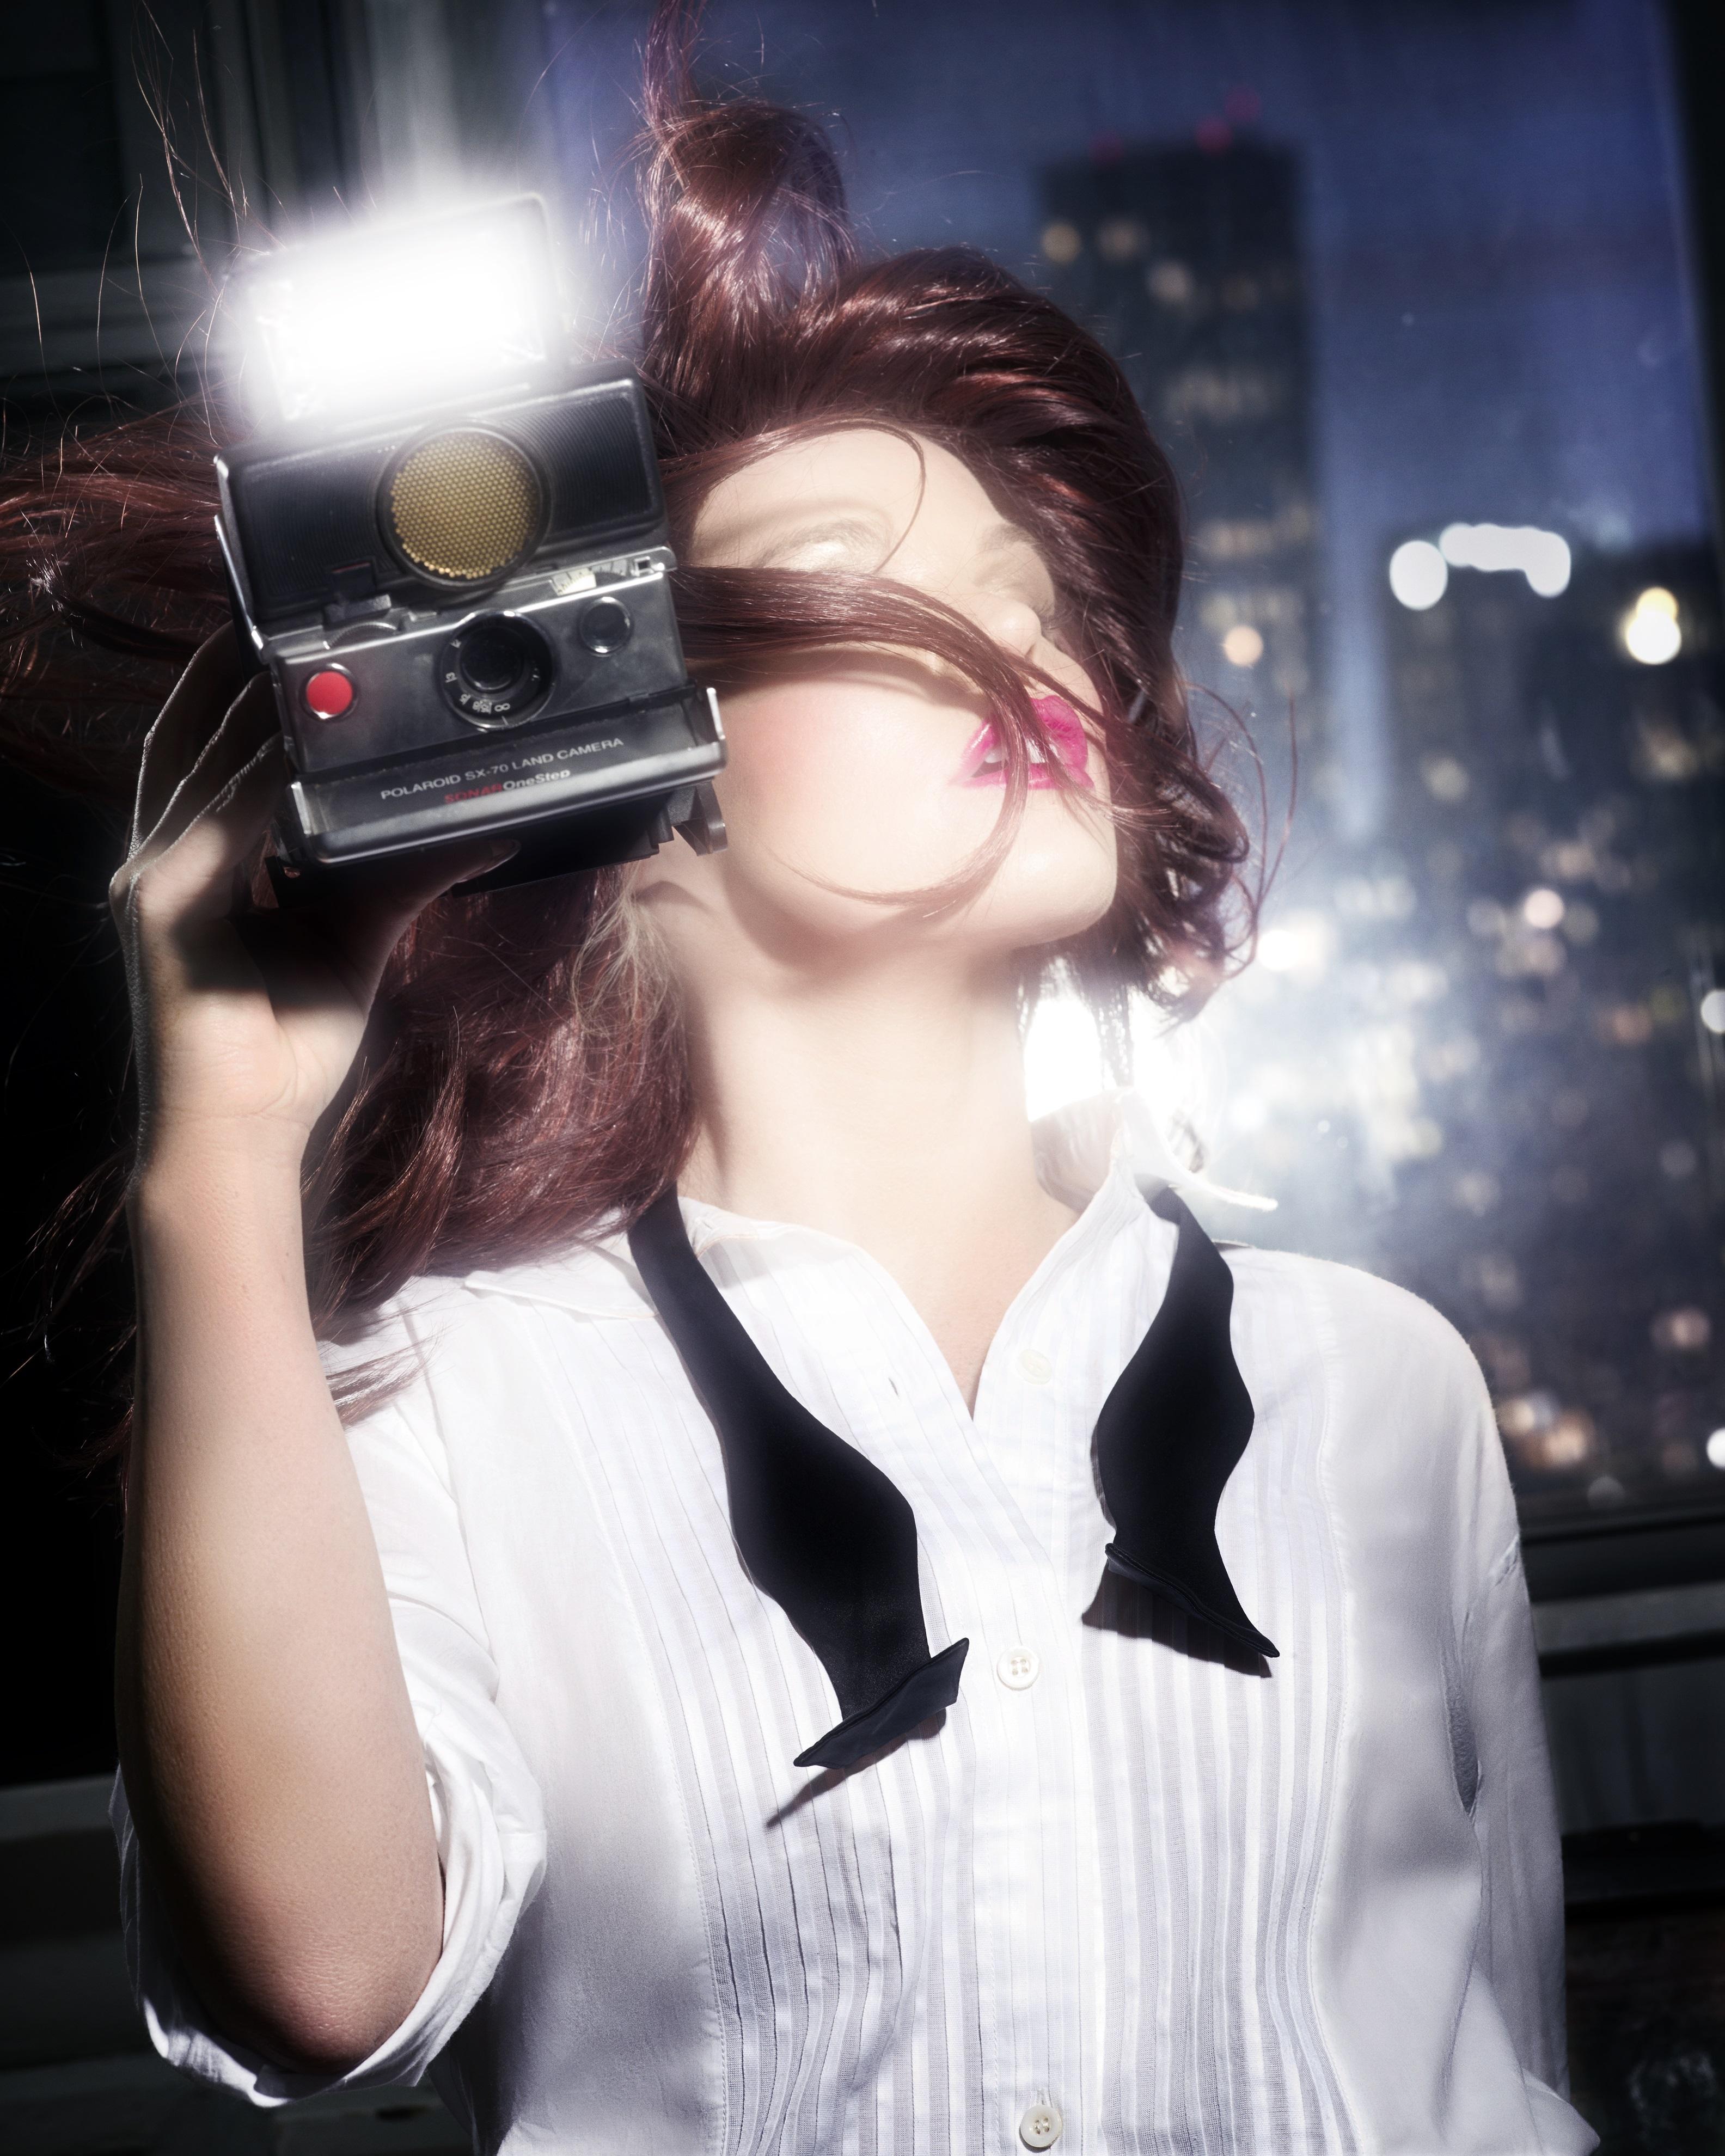 Flashing Girl